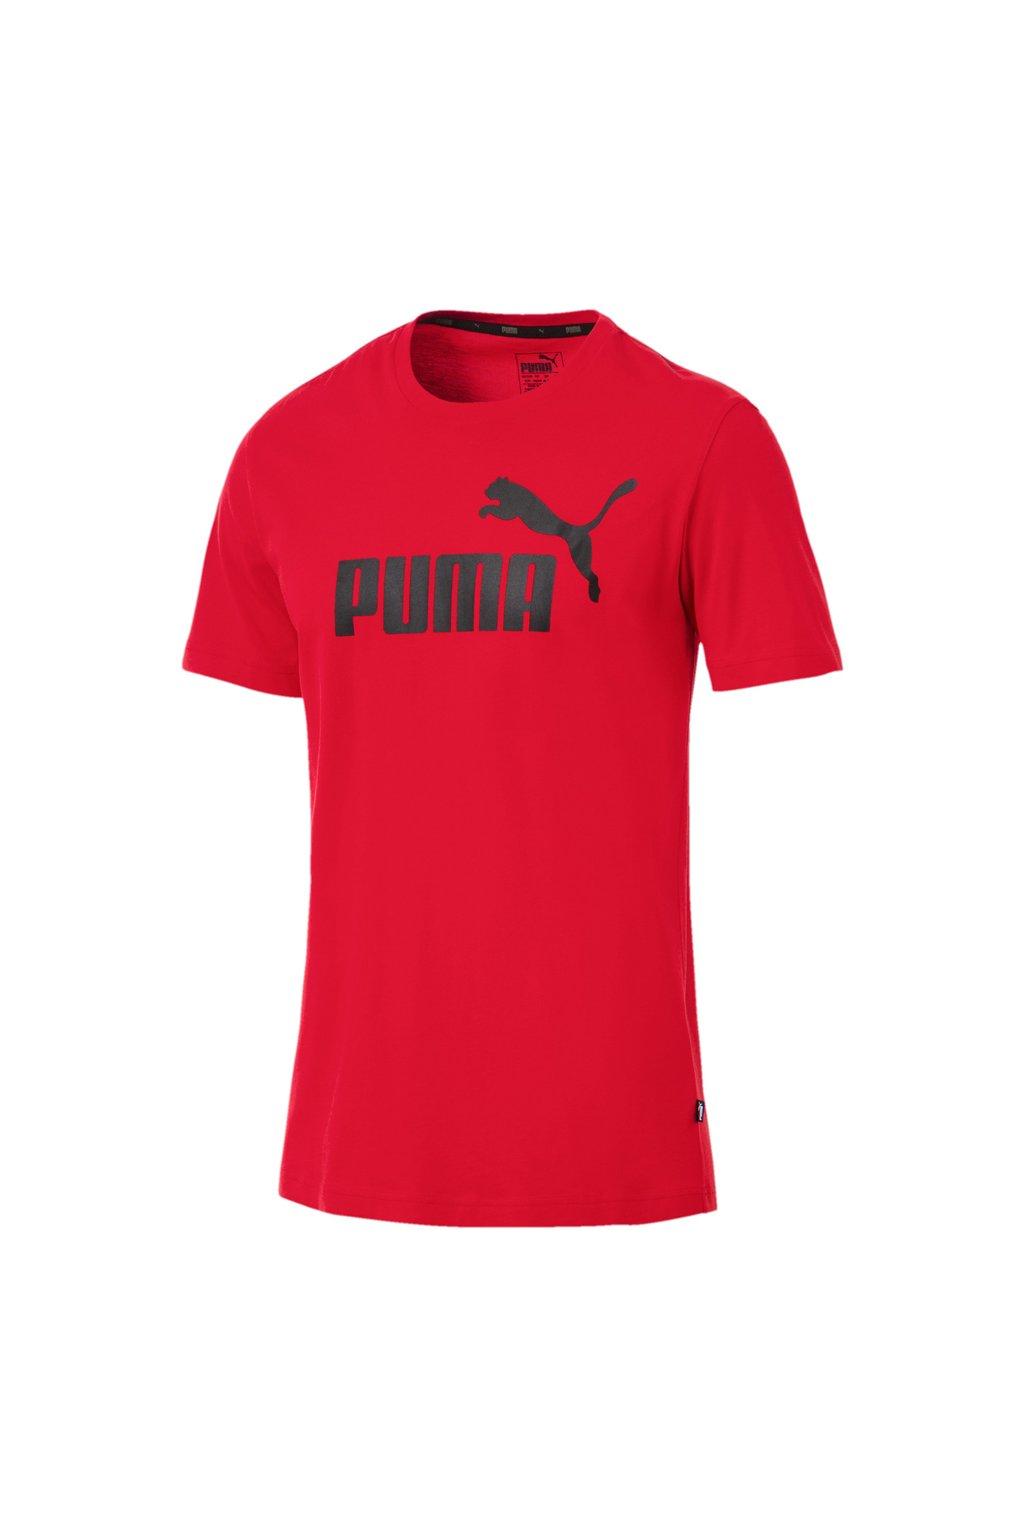 Pánske tričko Puma ESS Logo Tee červené 851740 05